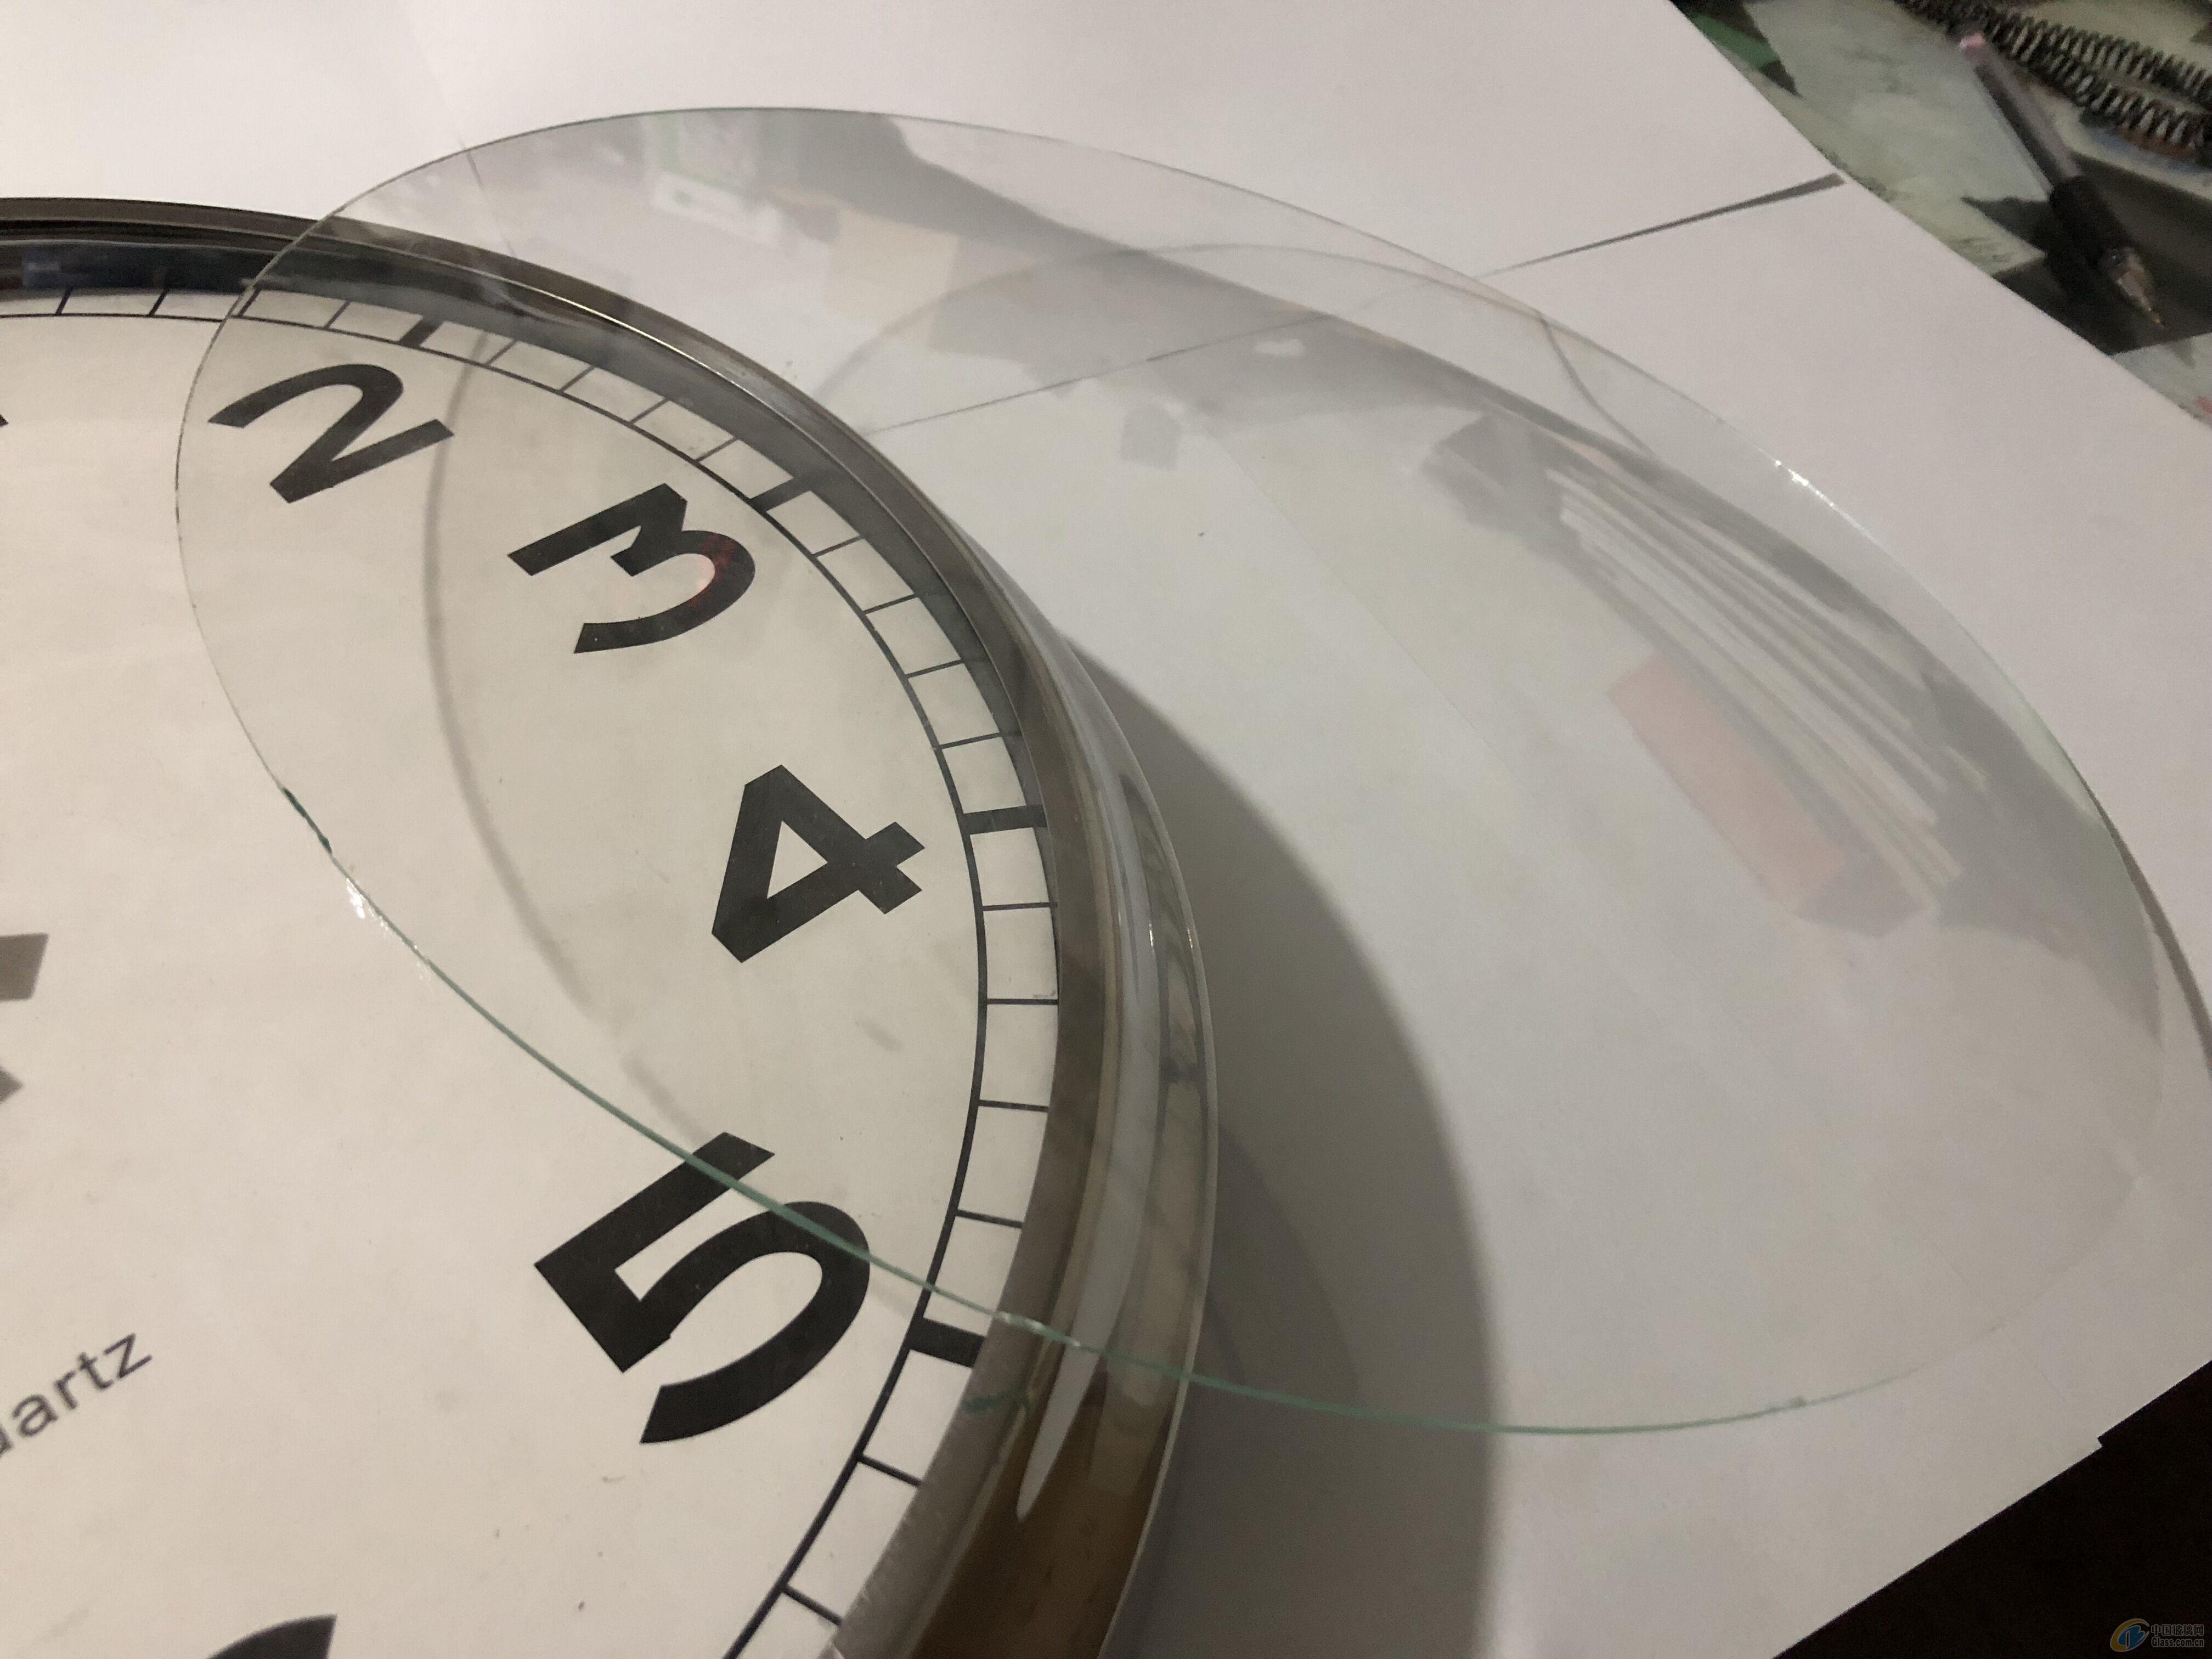 供应仪器仪表钟表弯钢化玻璃